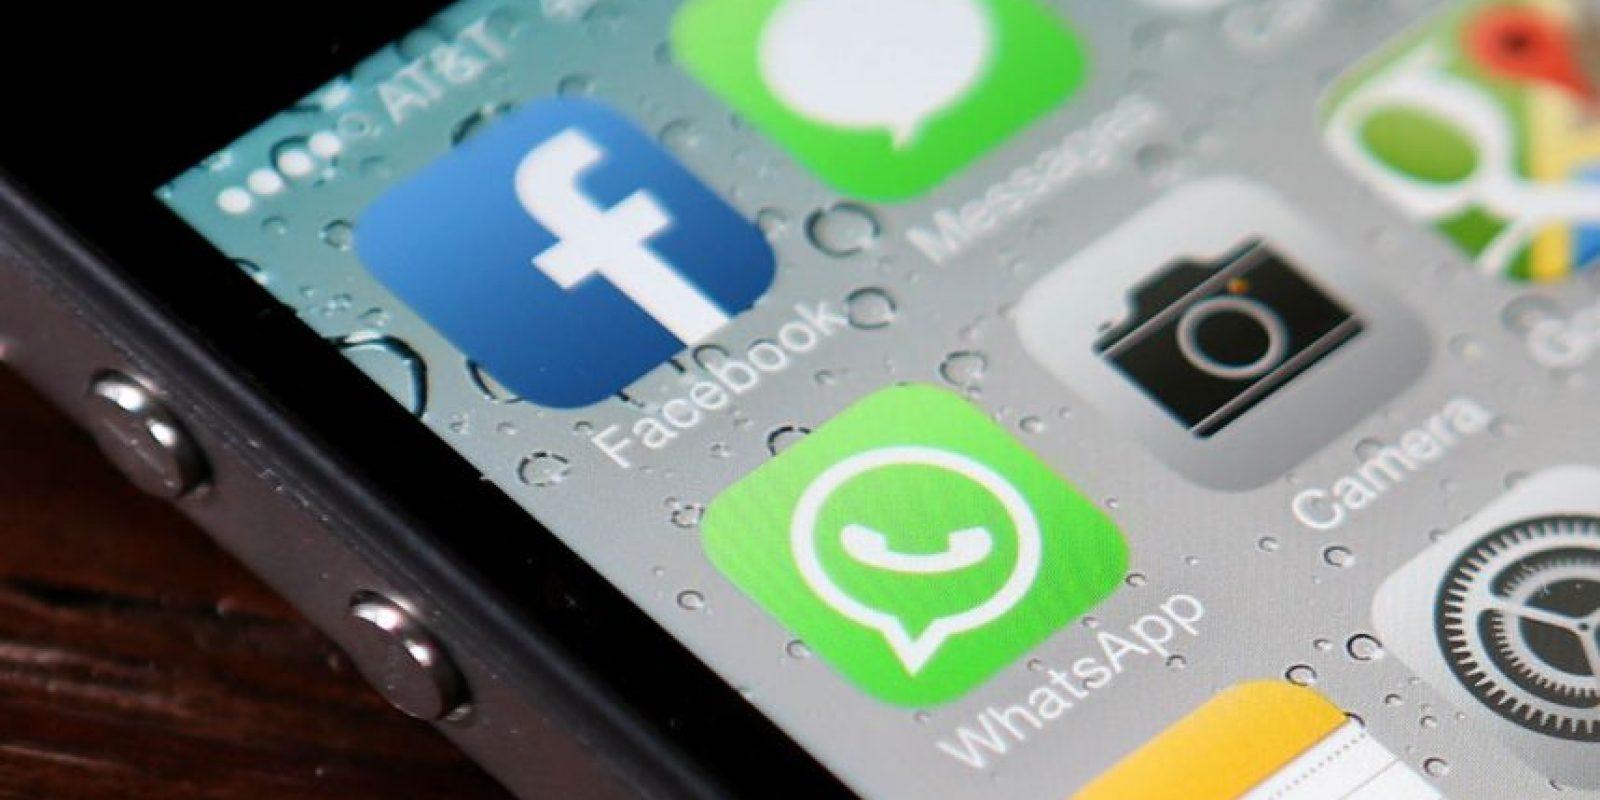 La app está disponible para iOS y Android. Foto:Getty Images